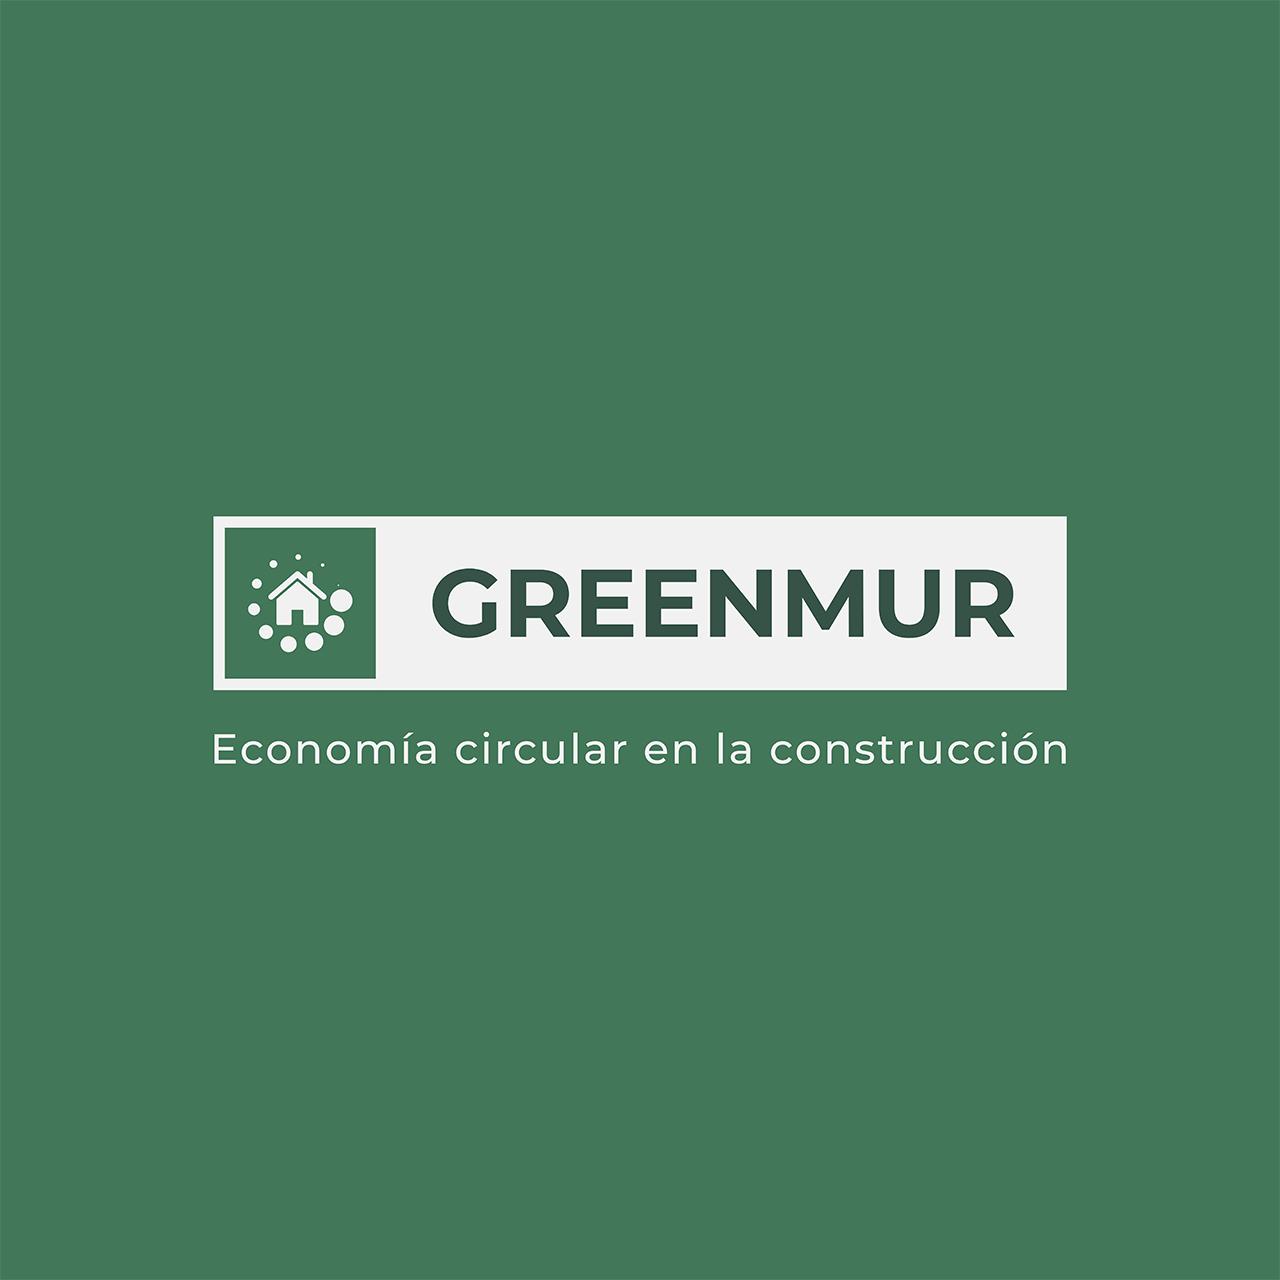 Las empresas Polymec, GLS 2014 y Yesos Rubio en colaboración con CTMARMOL ponen en marcha en este contexto el proyecto GREENMUR